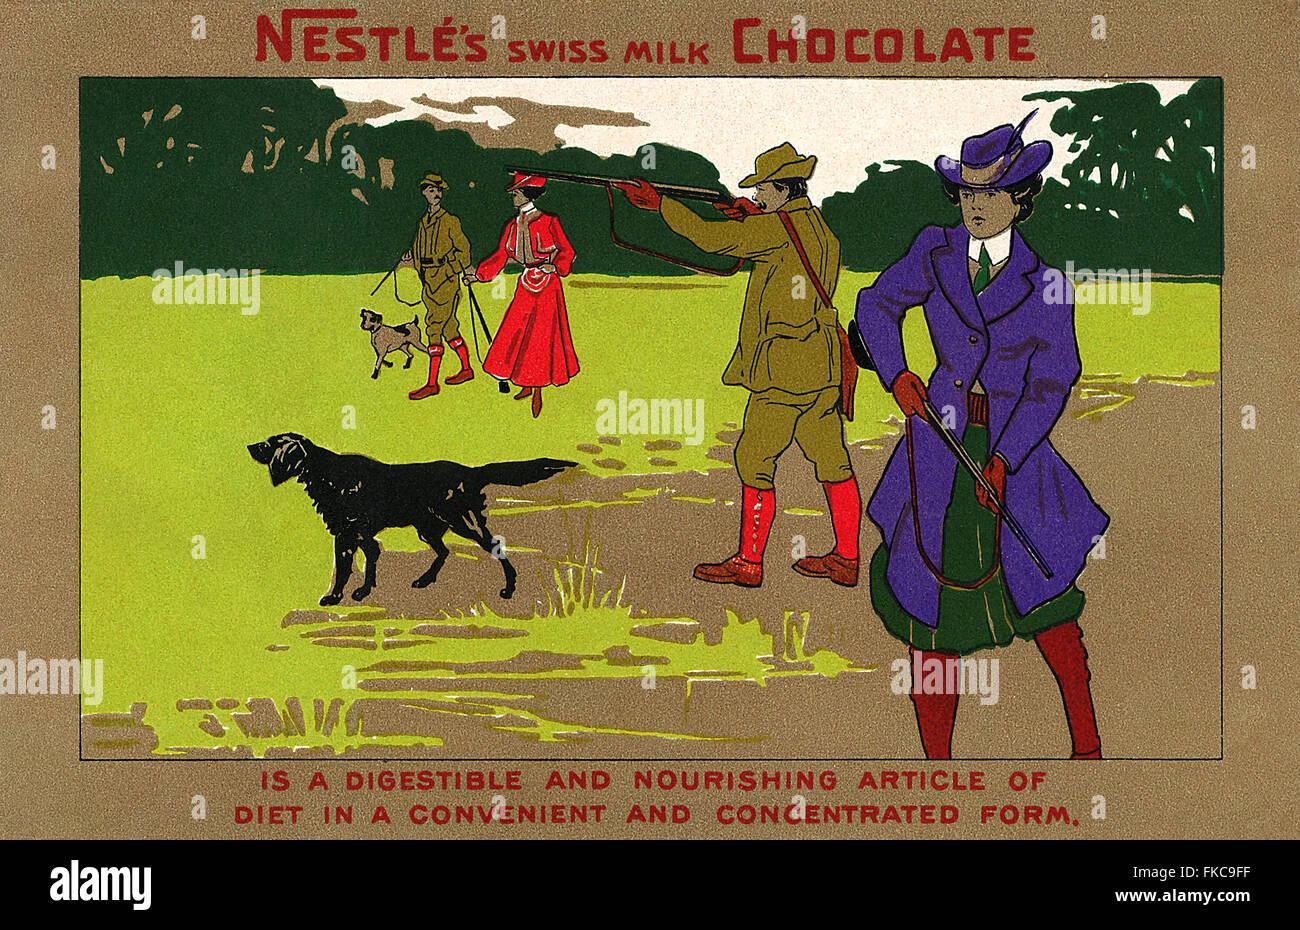 UK Nestle Magazine Advert - Stock Image